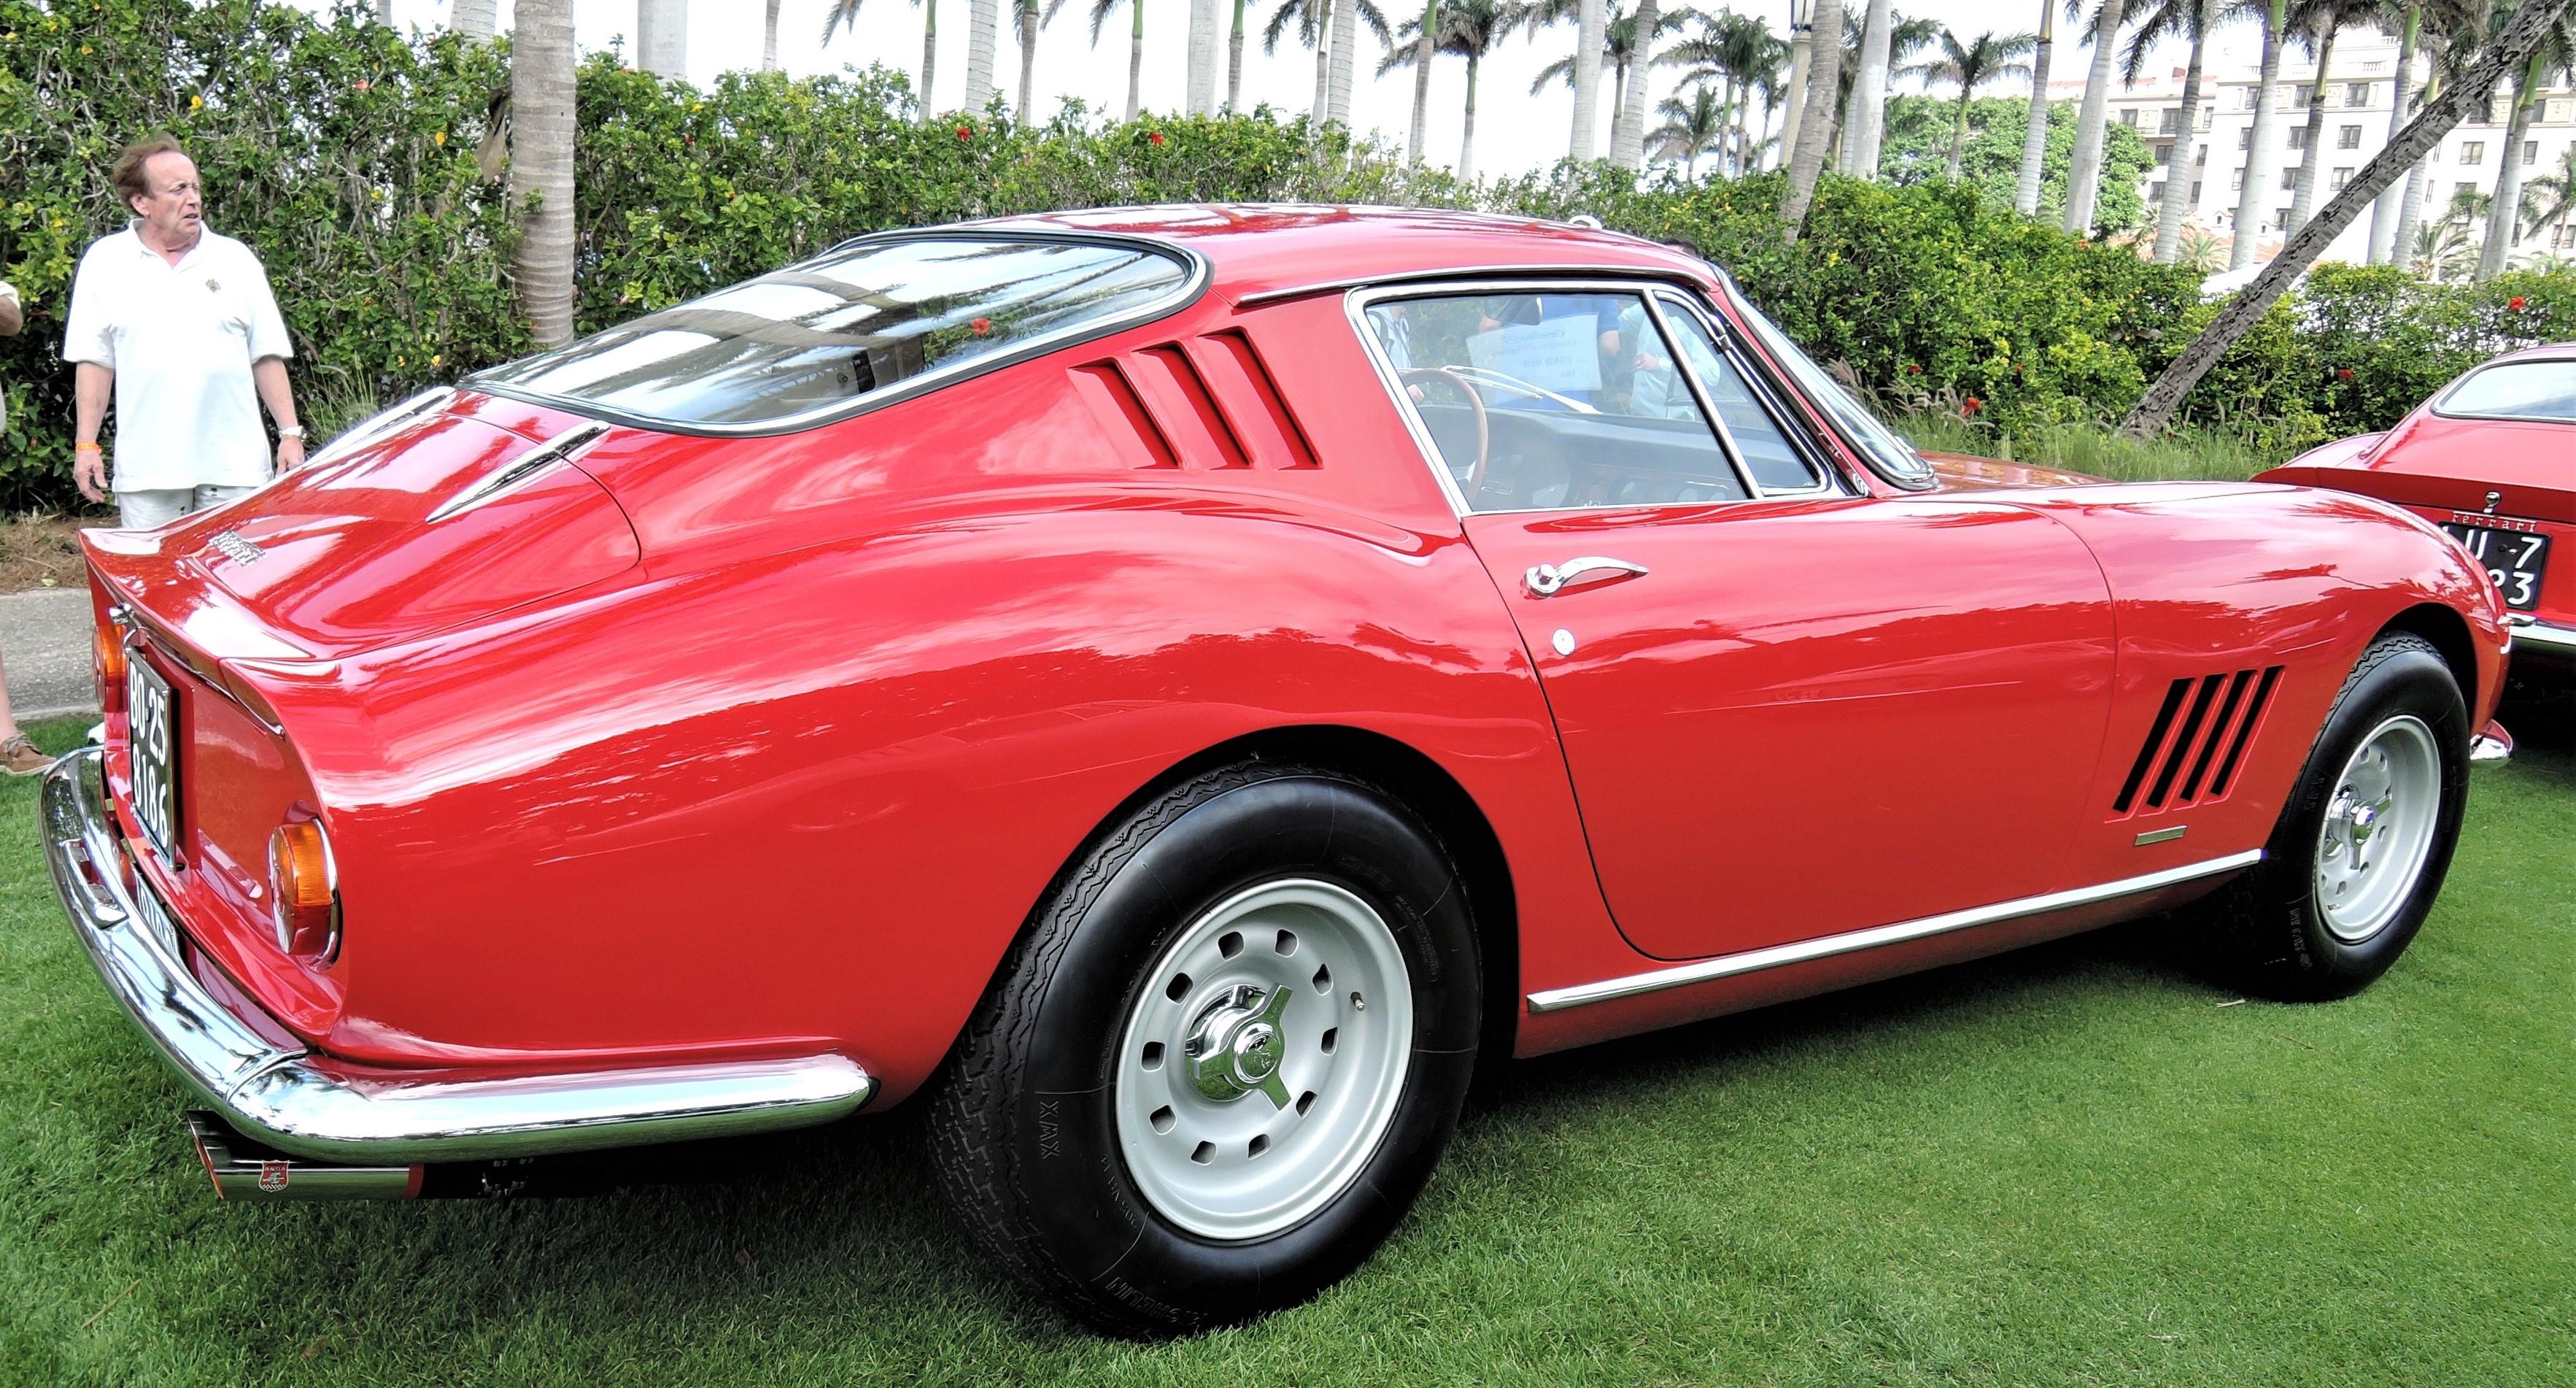 red 1966 Ferrari 275 GTB Alloy; Sn 08046 - Cavallino 2018 Concours